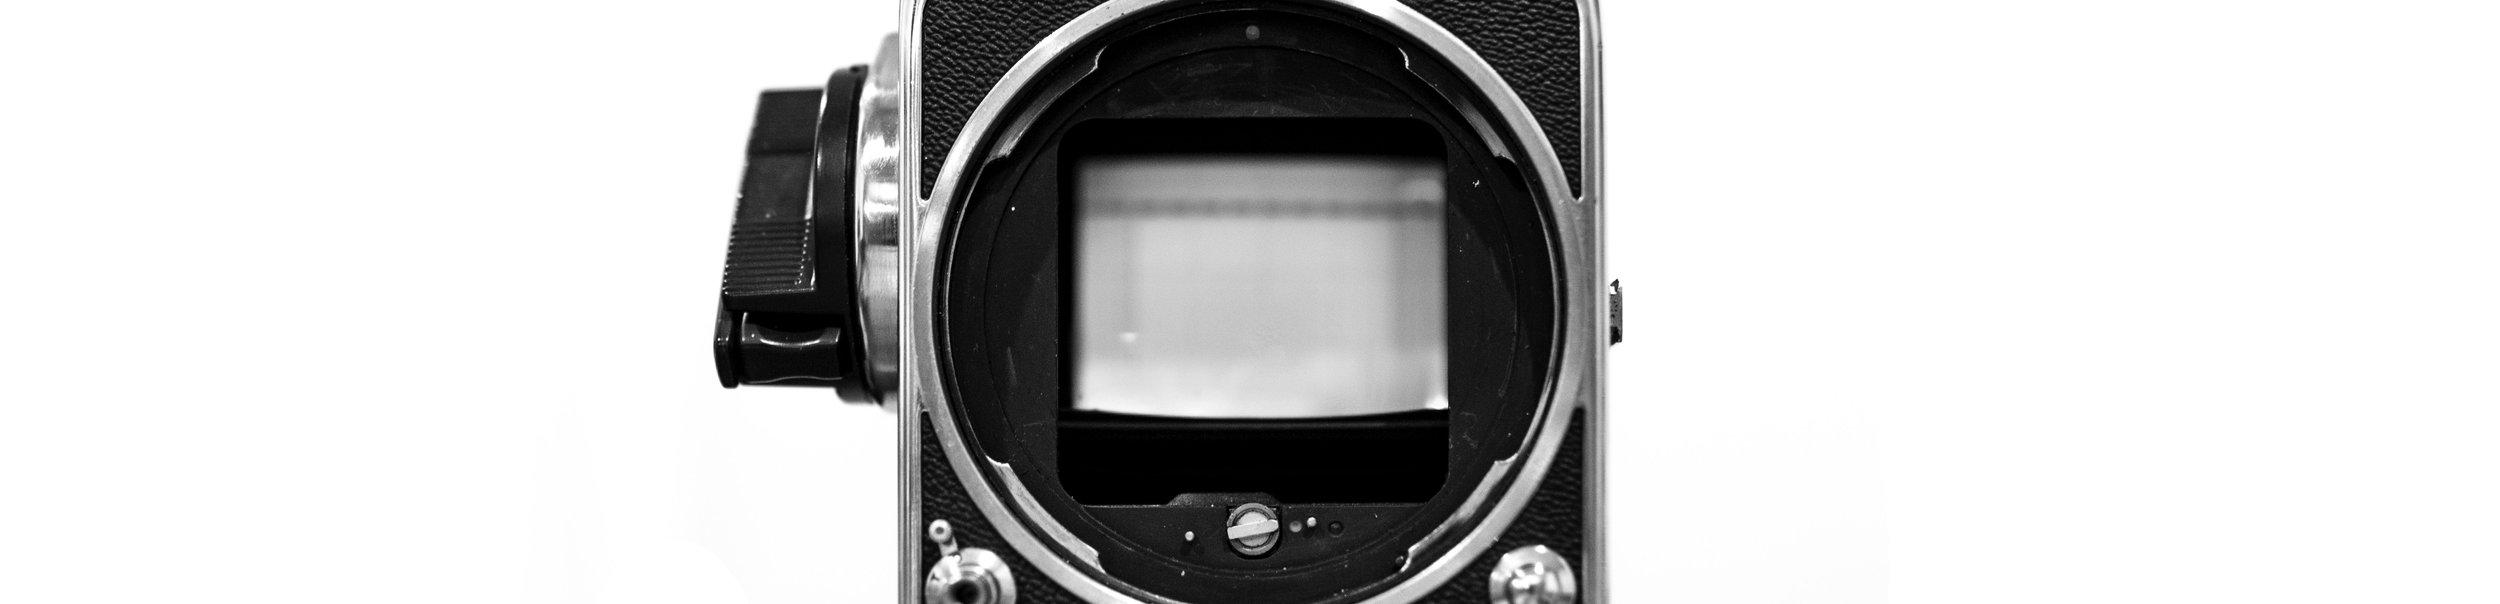 Hasselblad 500 Medium Format Film